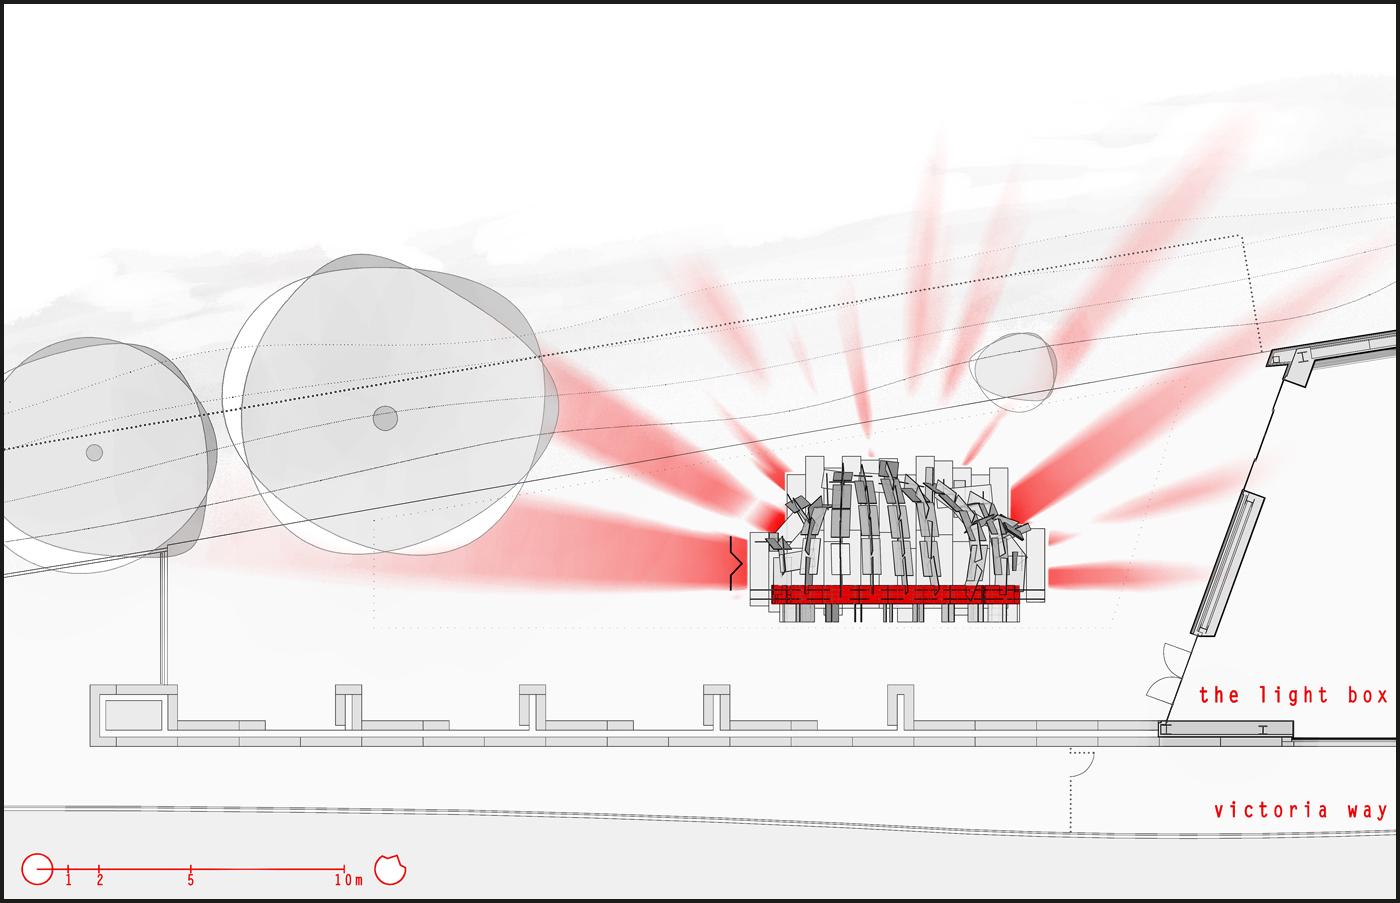 OHMU, una spettacolare architettura parametrica, e un padiglione per l'Art Fund Pavilion. Usi di OHMU | Bottega di Architettura